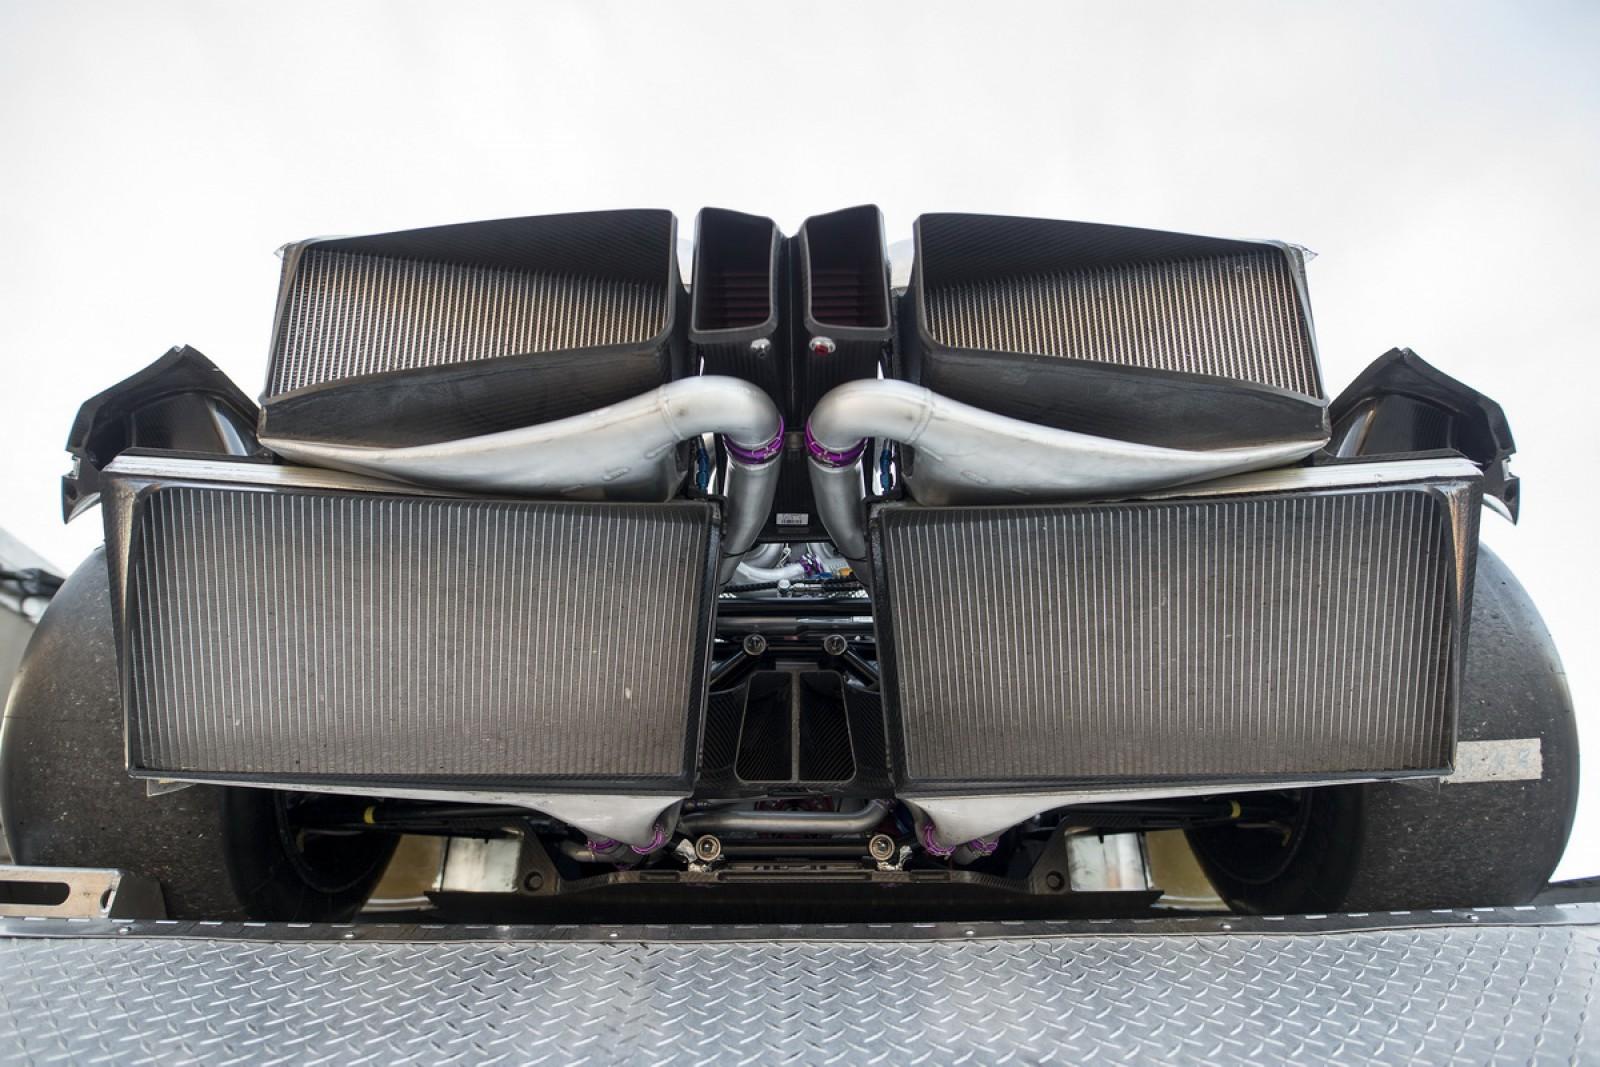 (video) Ştiai asta? Iată ce motor înalt tehnologizat foloseşte noul BMW M8 GTE